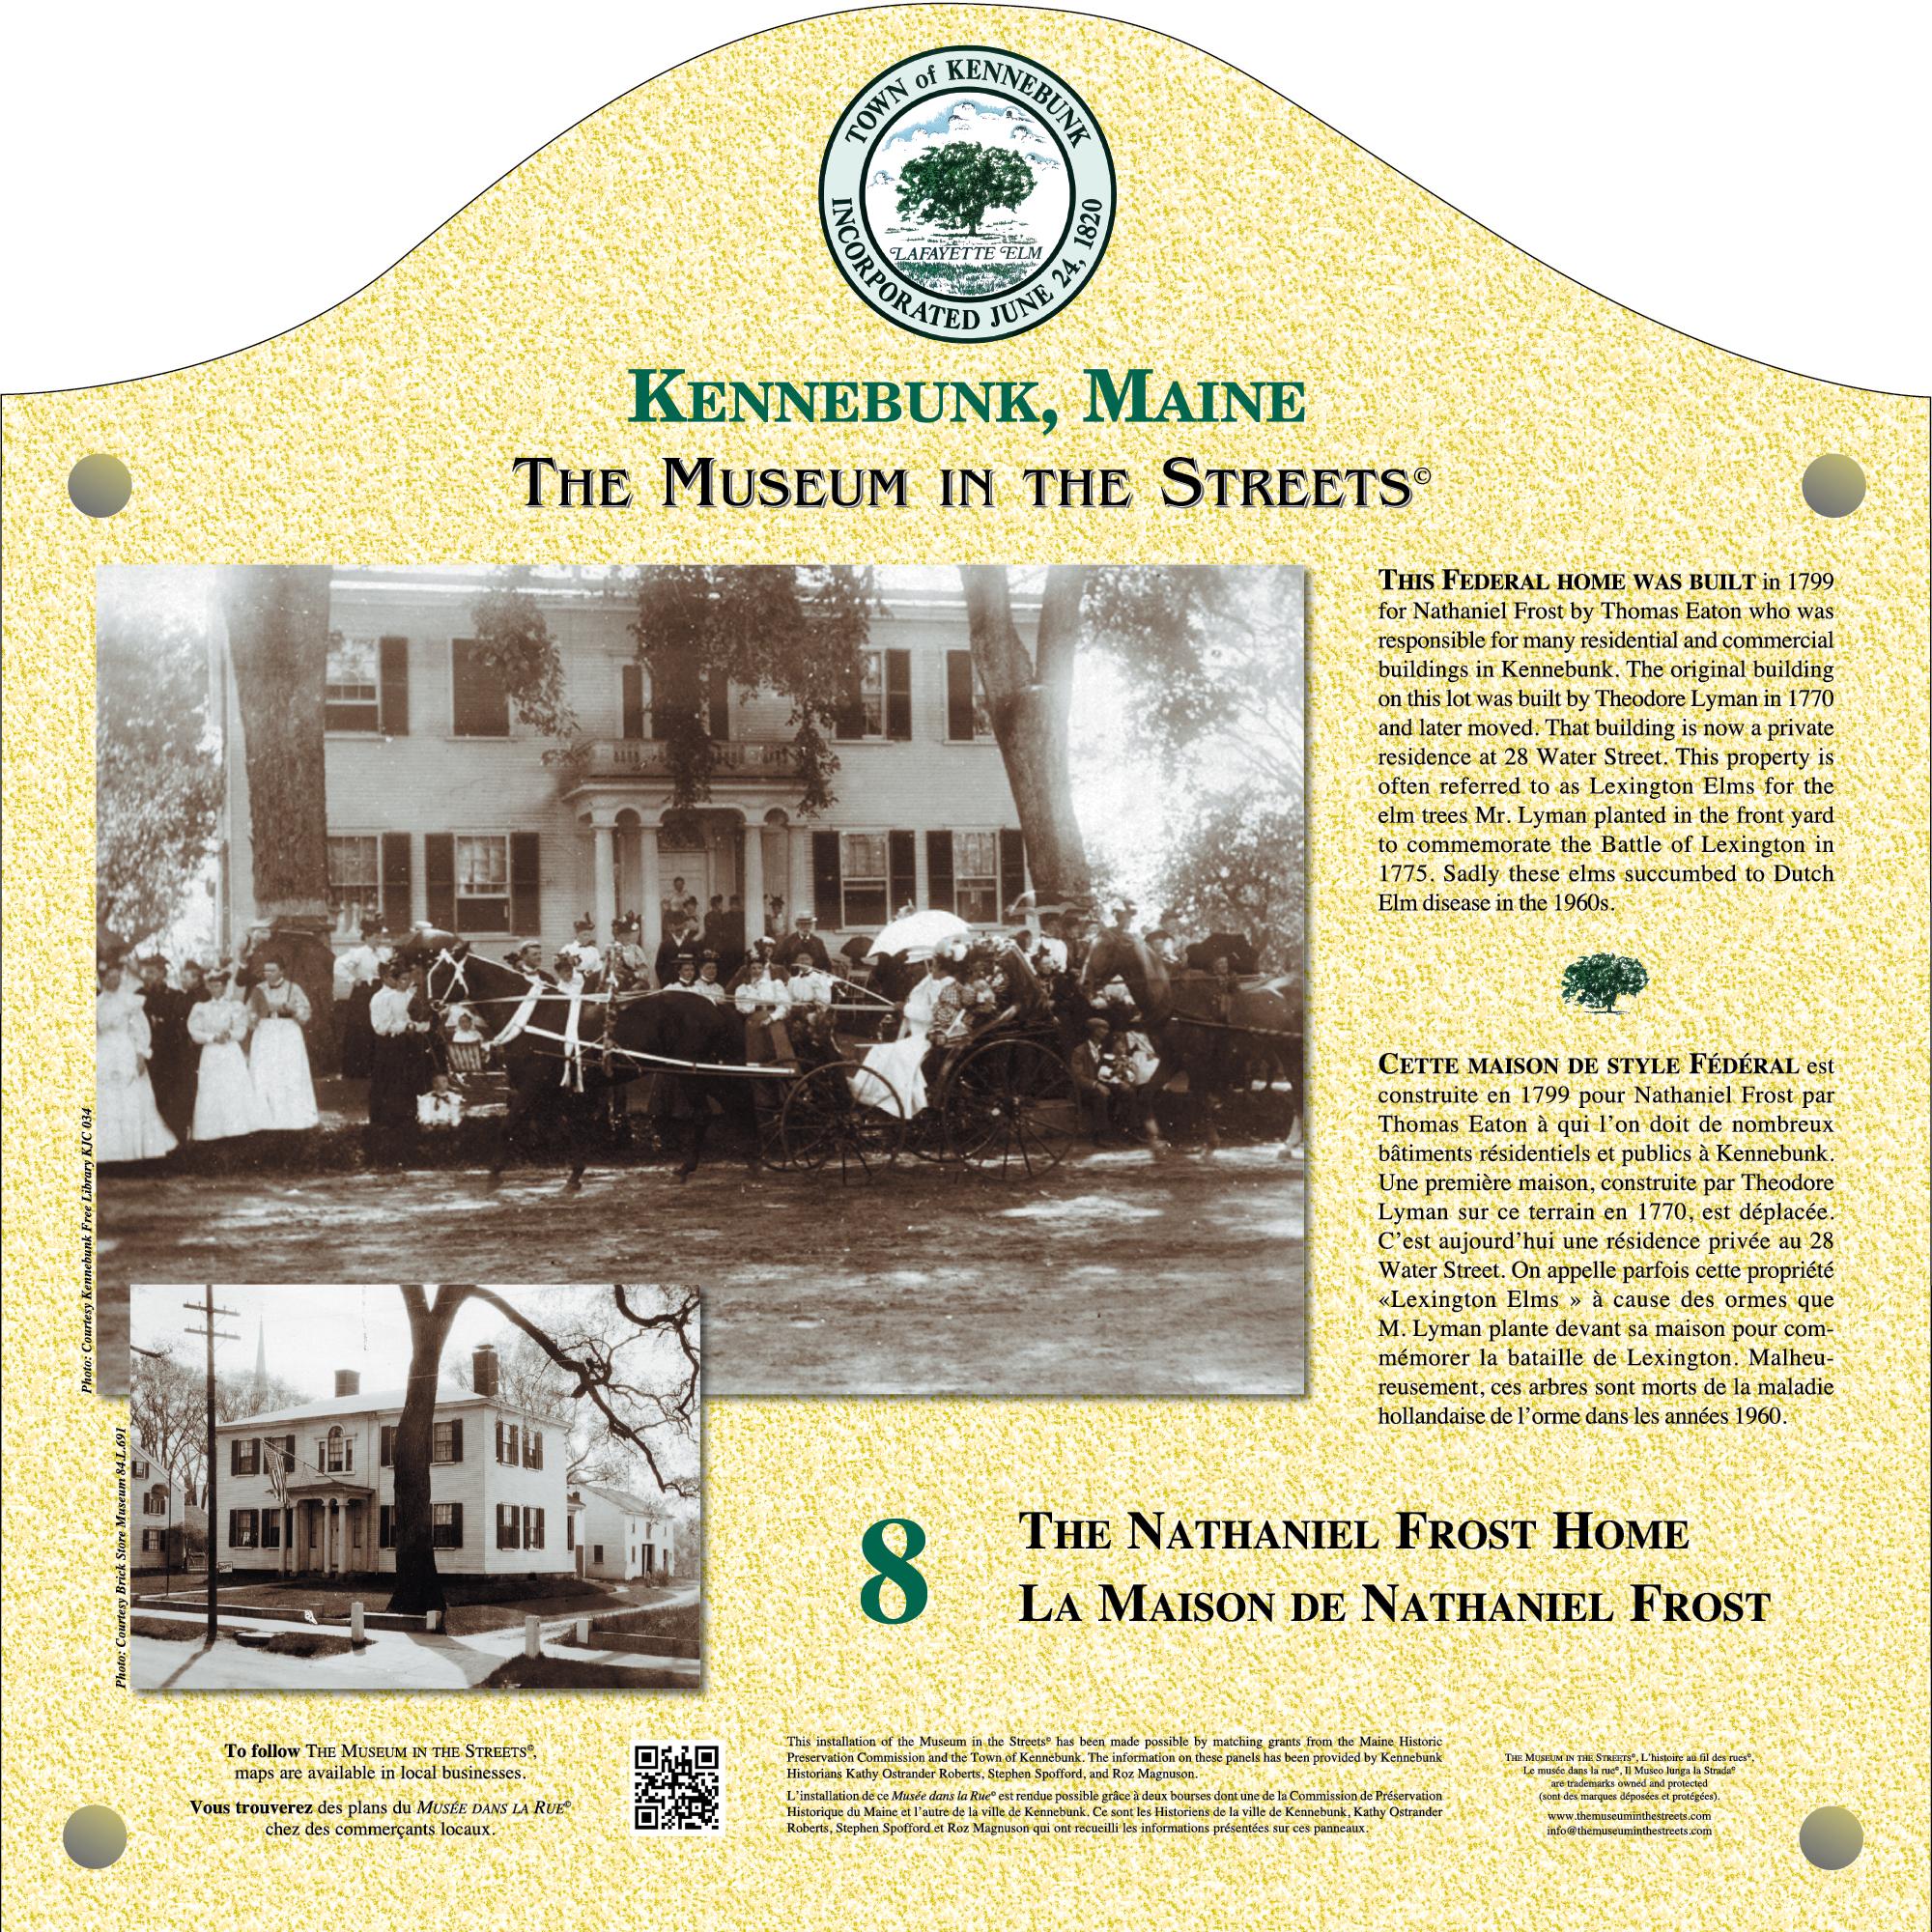 Kennebunk, ME - Official Website